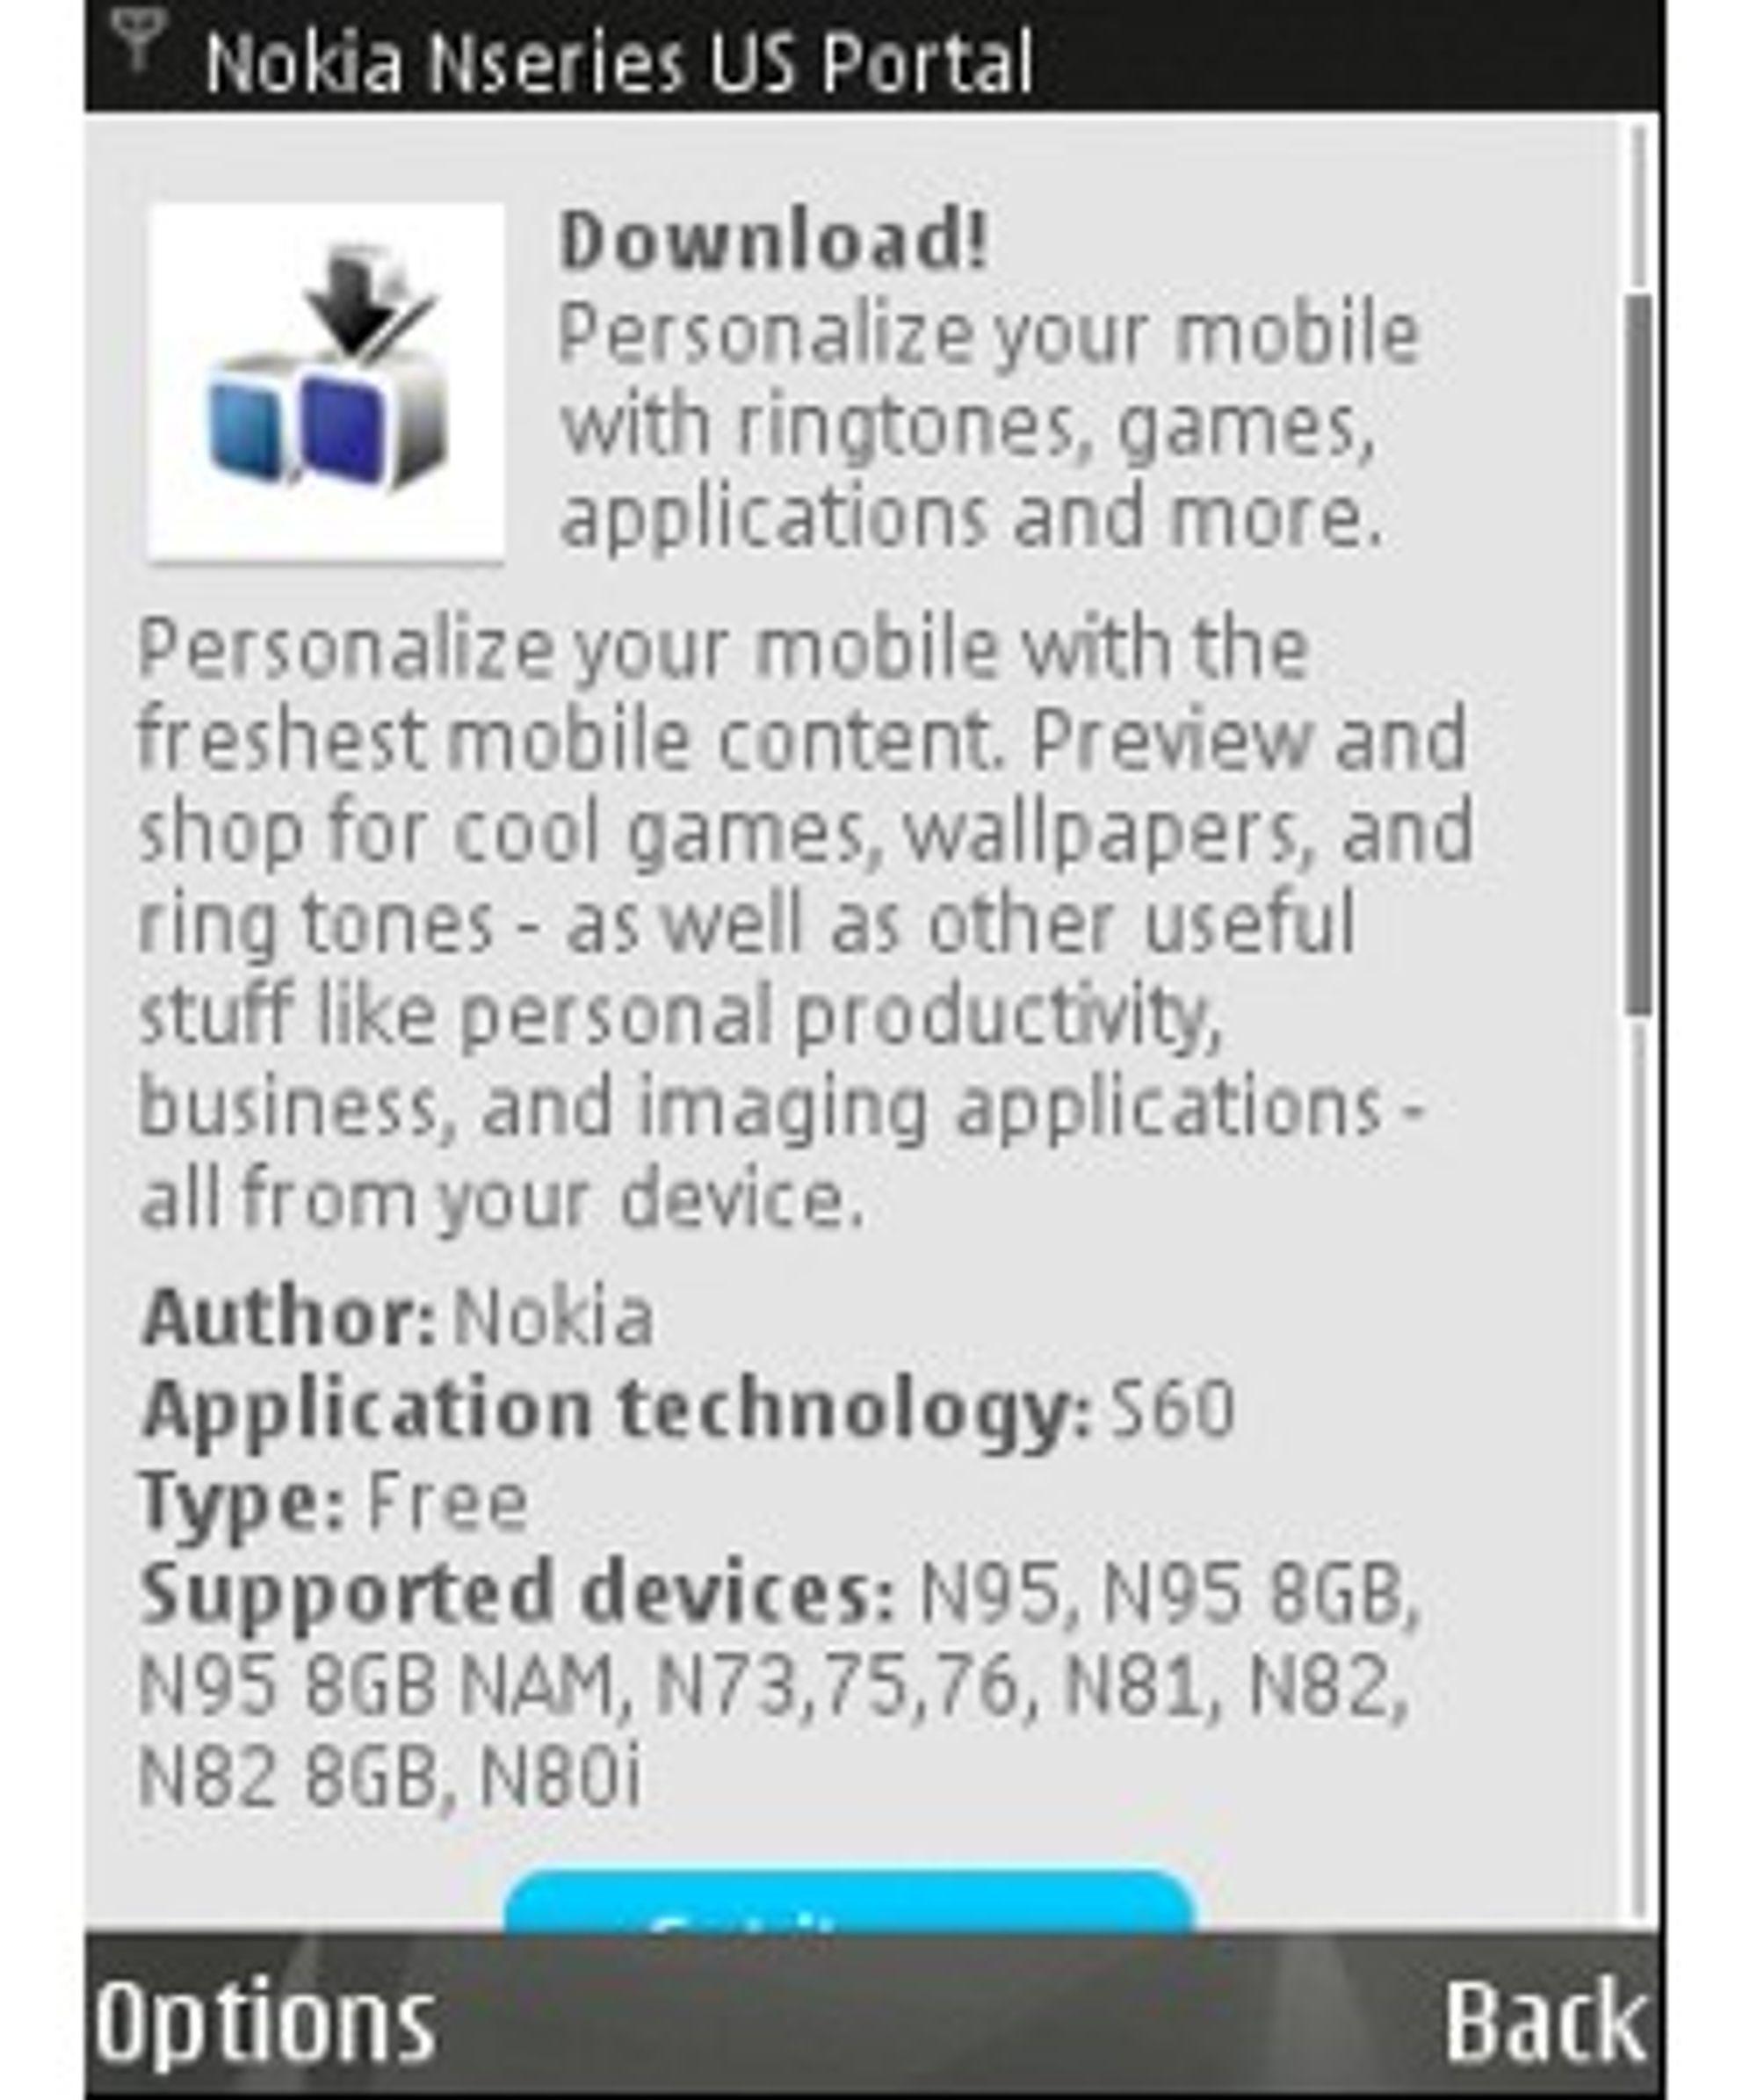 Er det en N82 8GB på Nokias tapet?